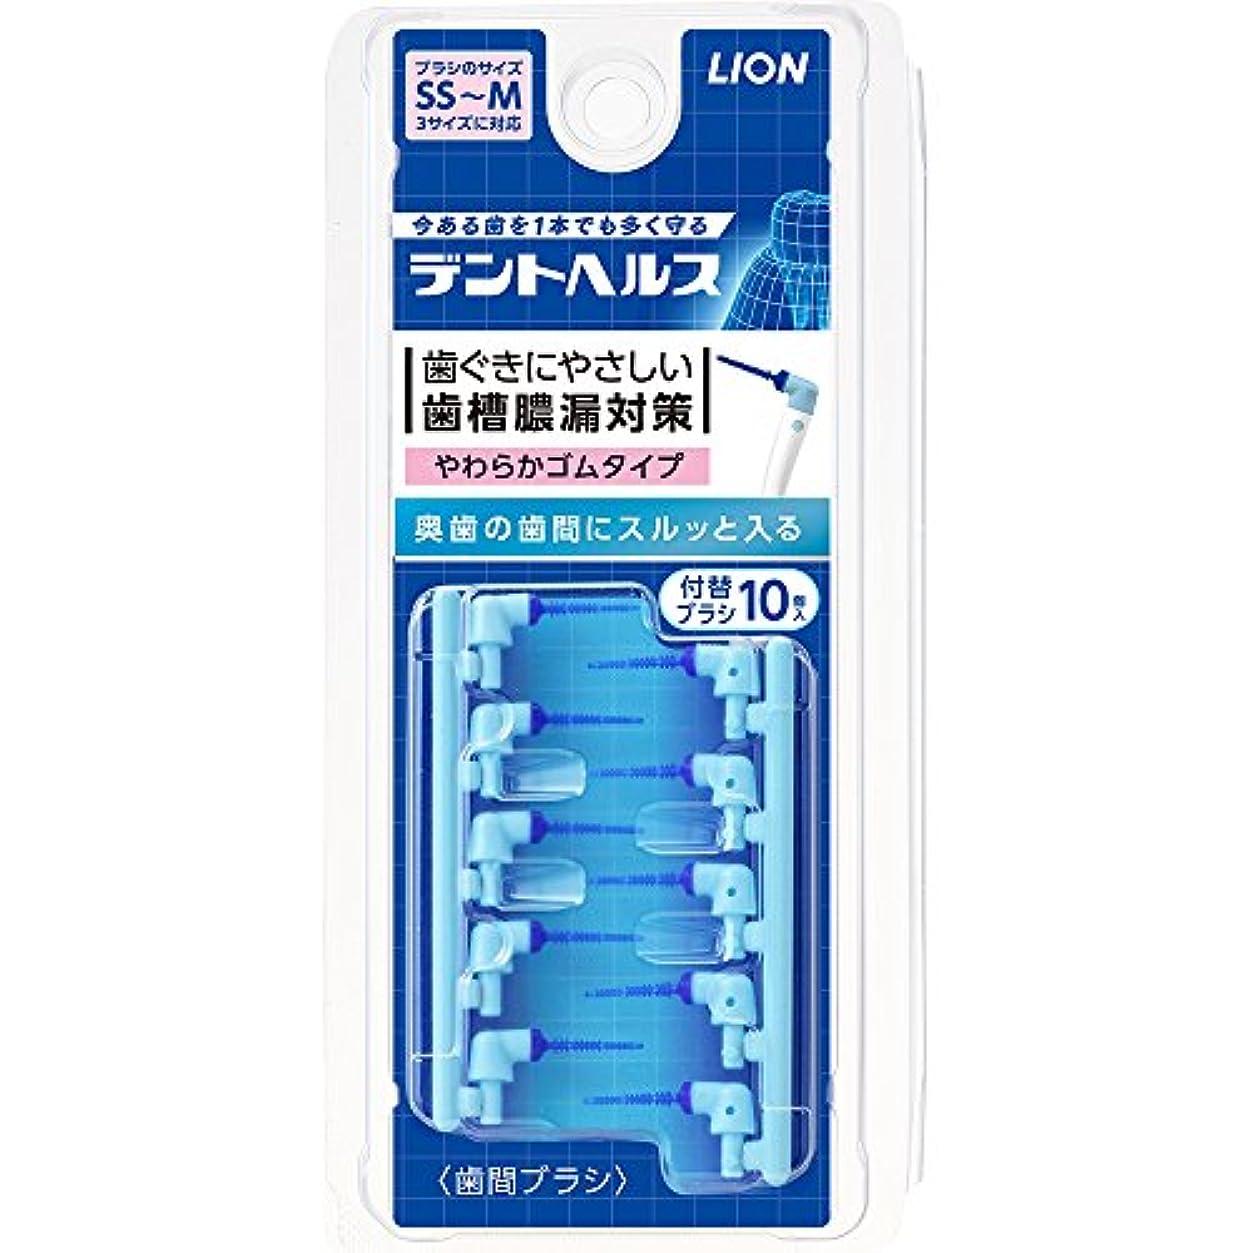 歯槽膿漏予防に デントヘルス 歯間ブラシ 付替用